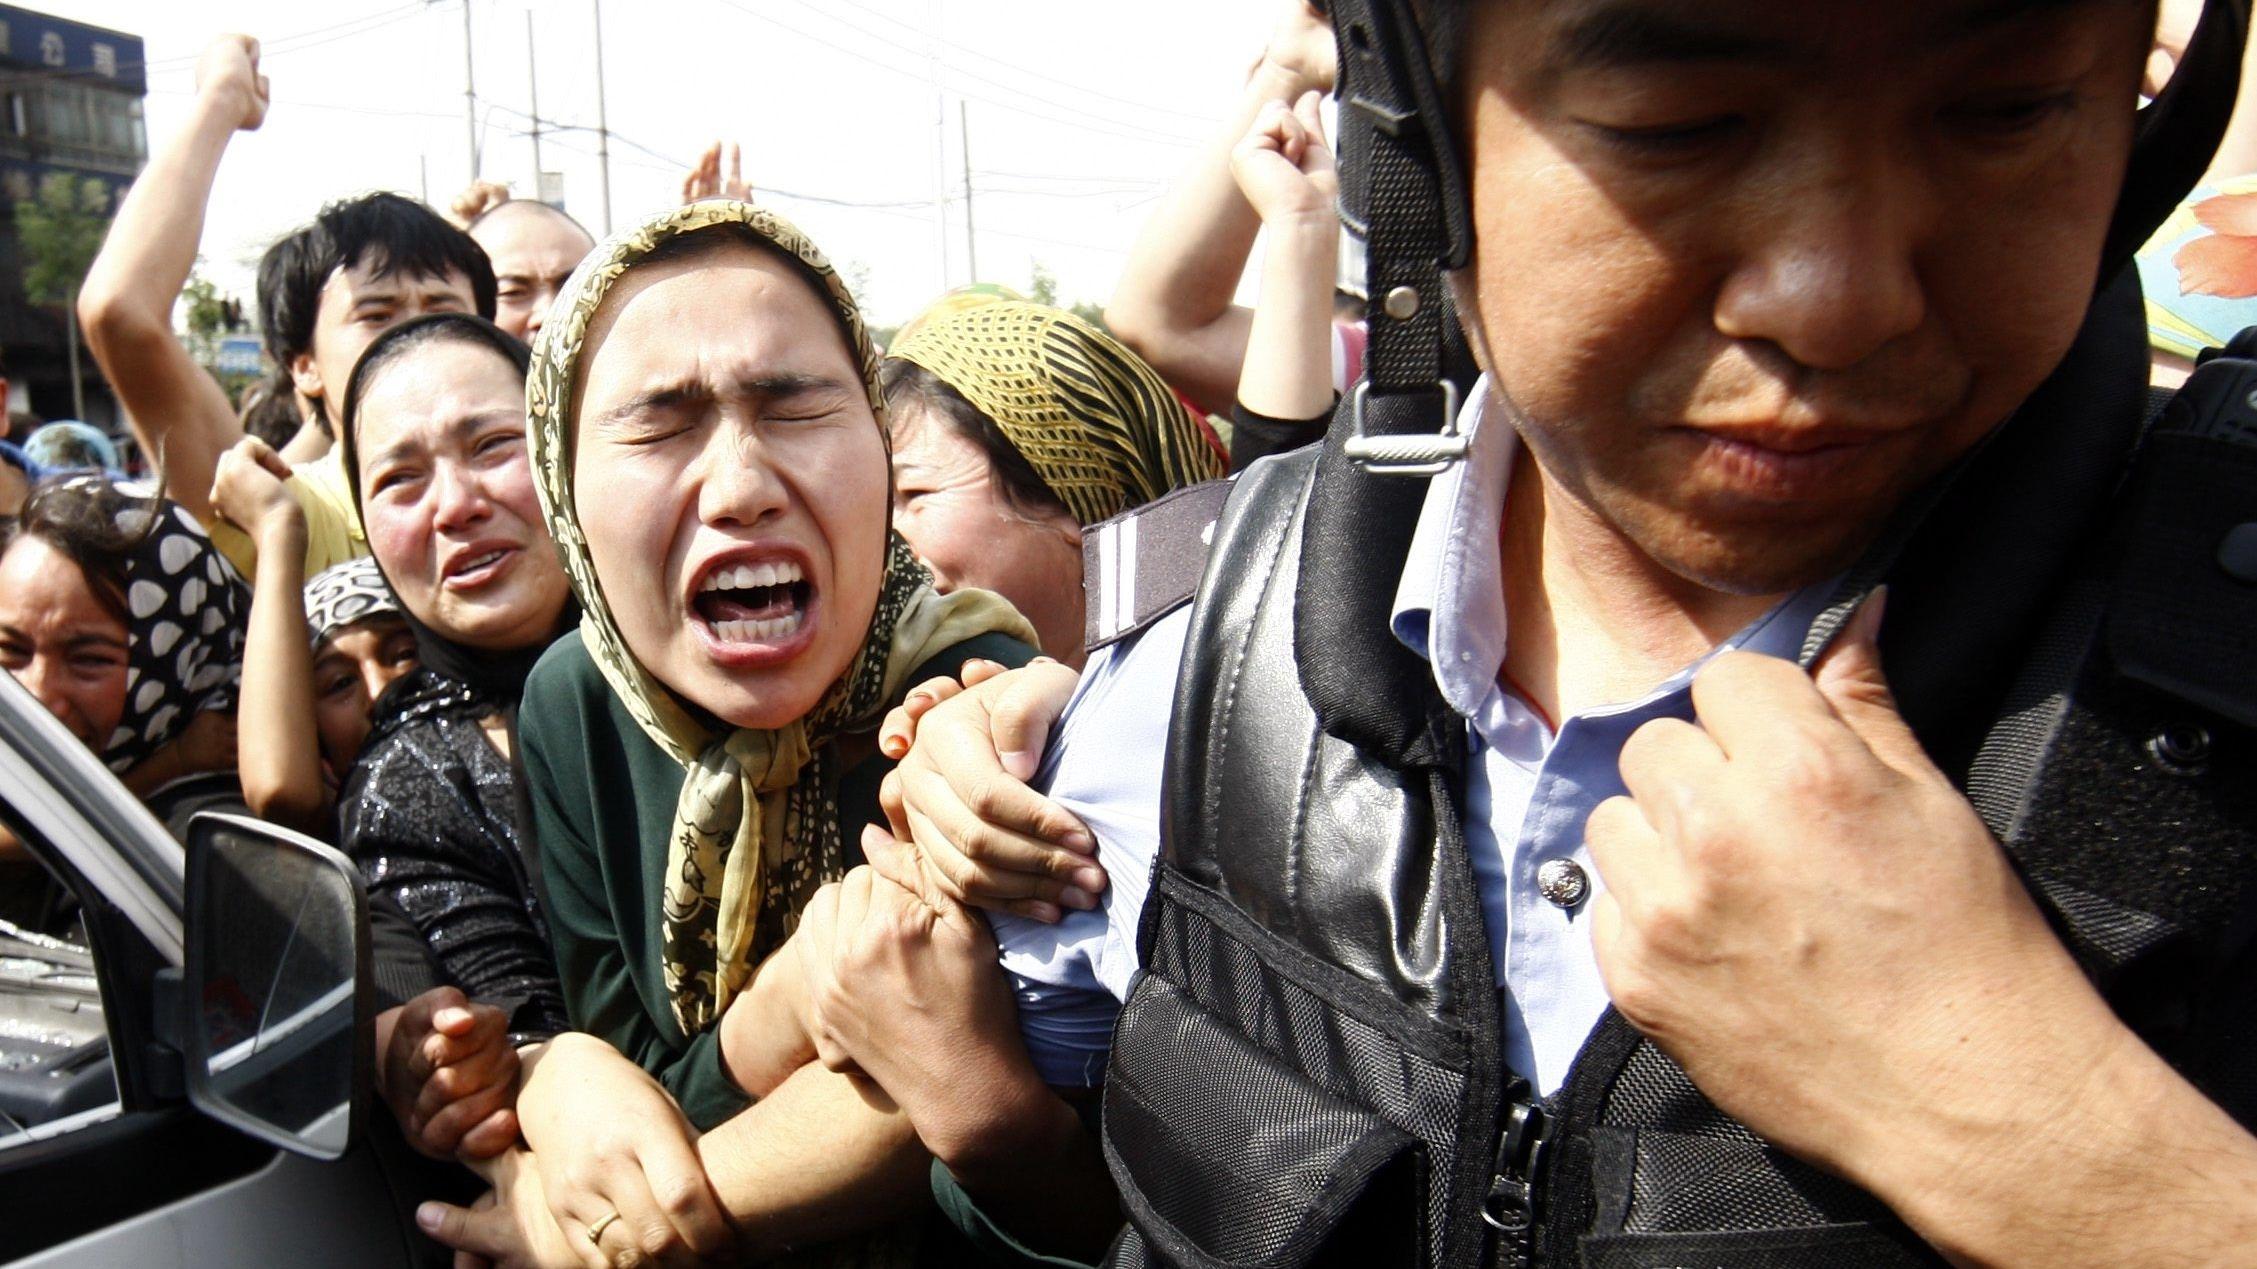 Eine Gruppe verzweifelter Menschen hinter einem Polizisten in Uniform. Der Polizist ist von der Gruppe weggedreht, obwohl ihn zahlreiche Hände berühren.